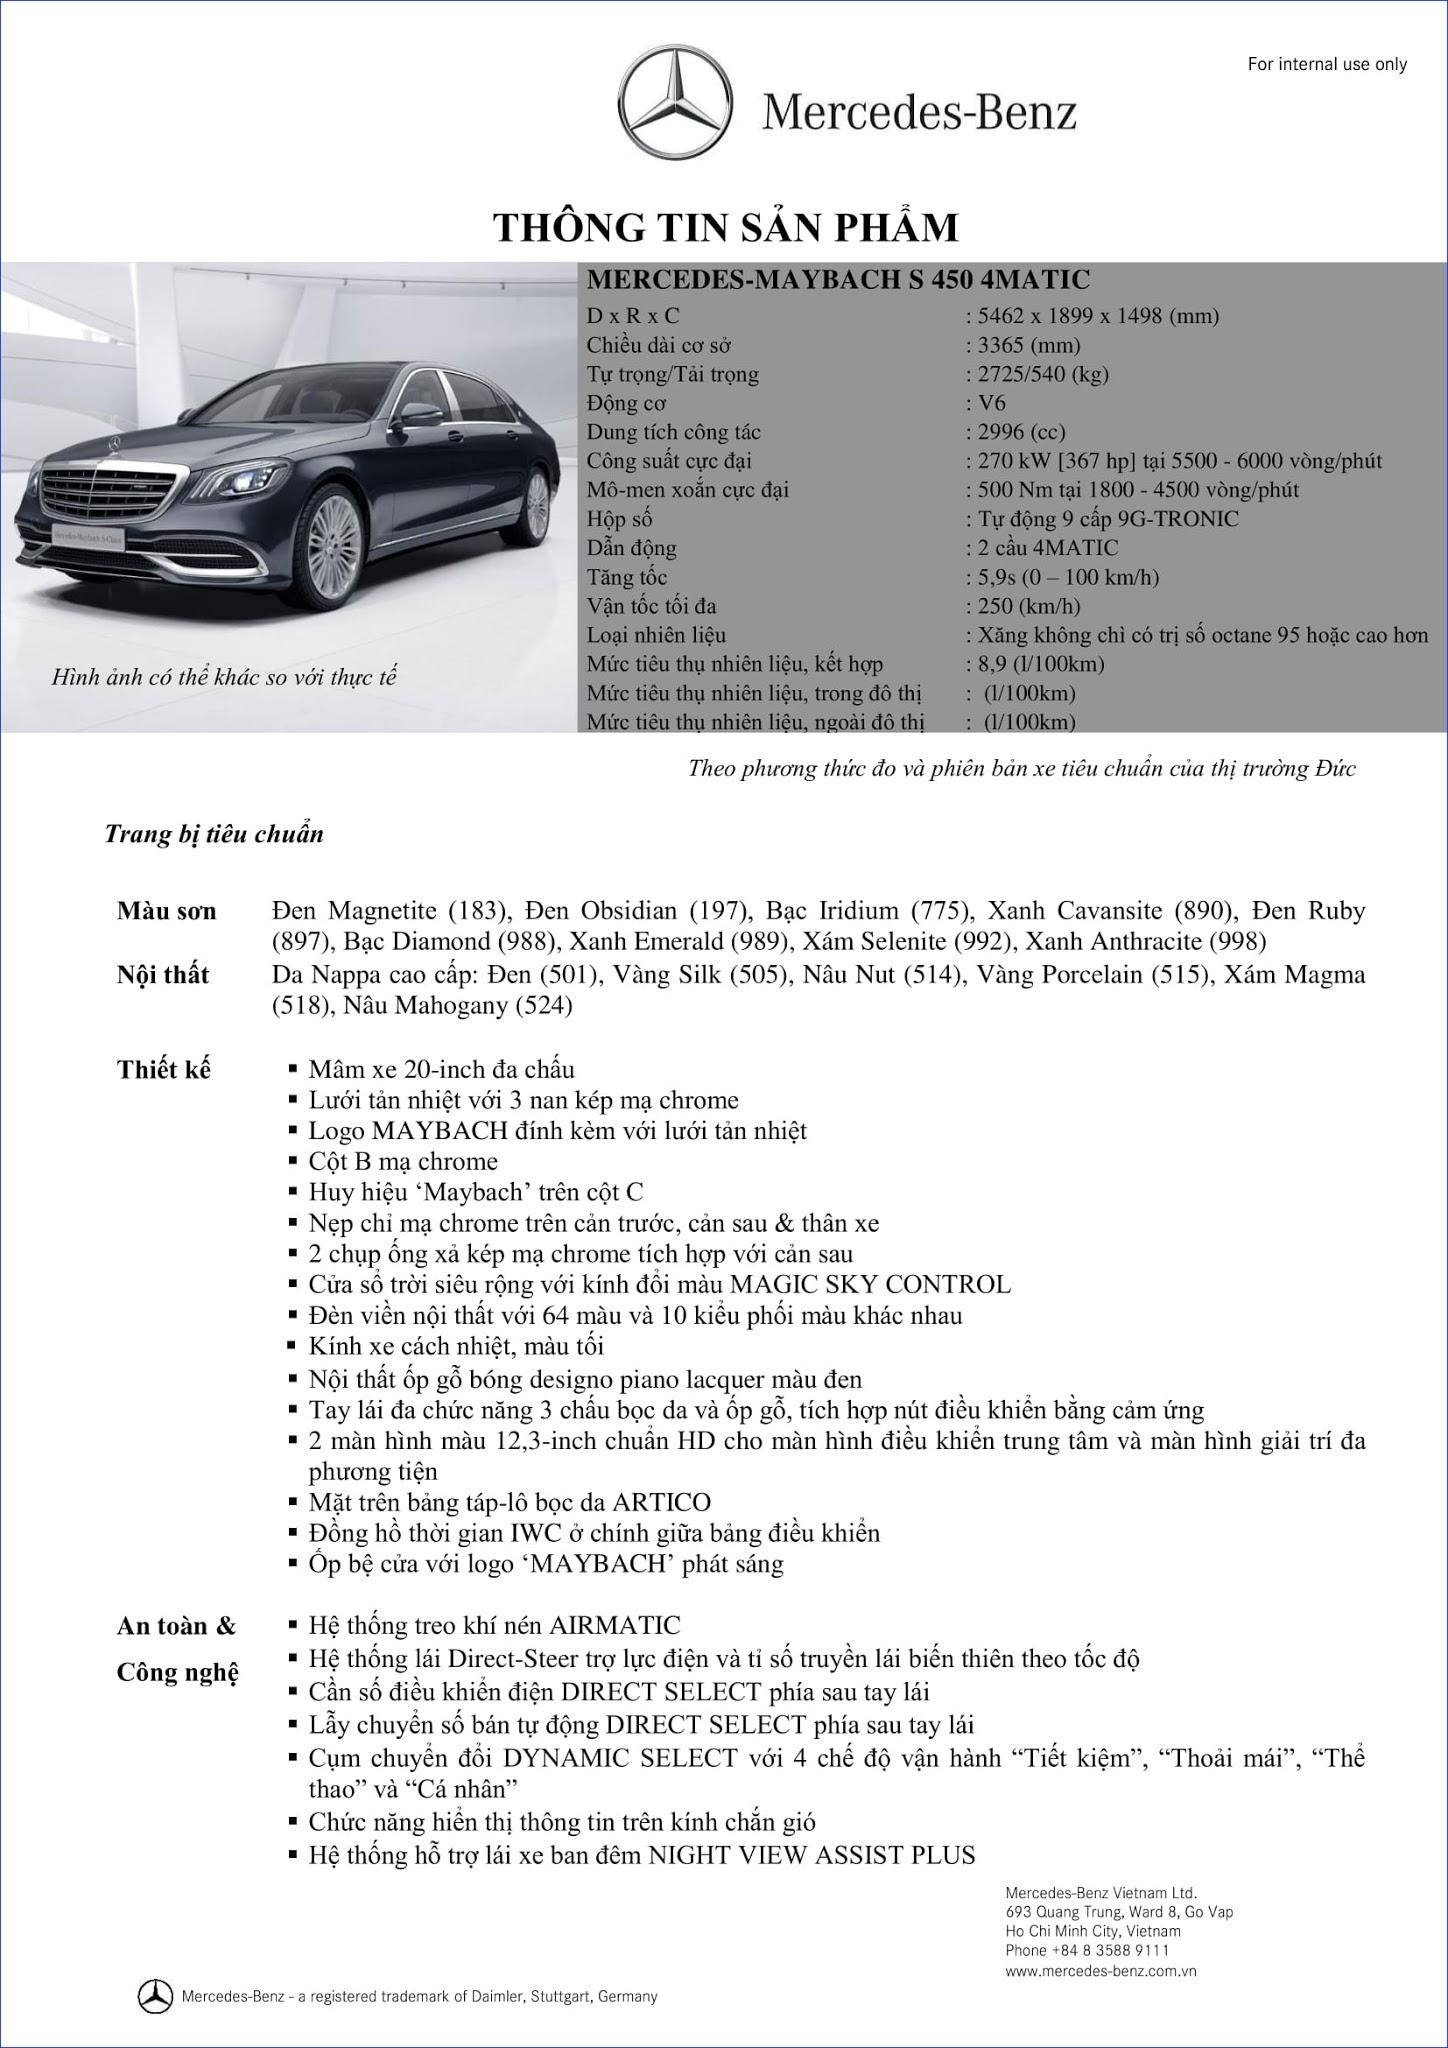 Bảng thông số kỹ thuật Mercedes Maybach S450 4MATIC 2019